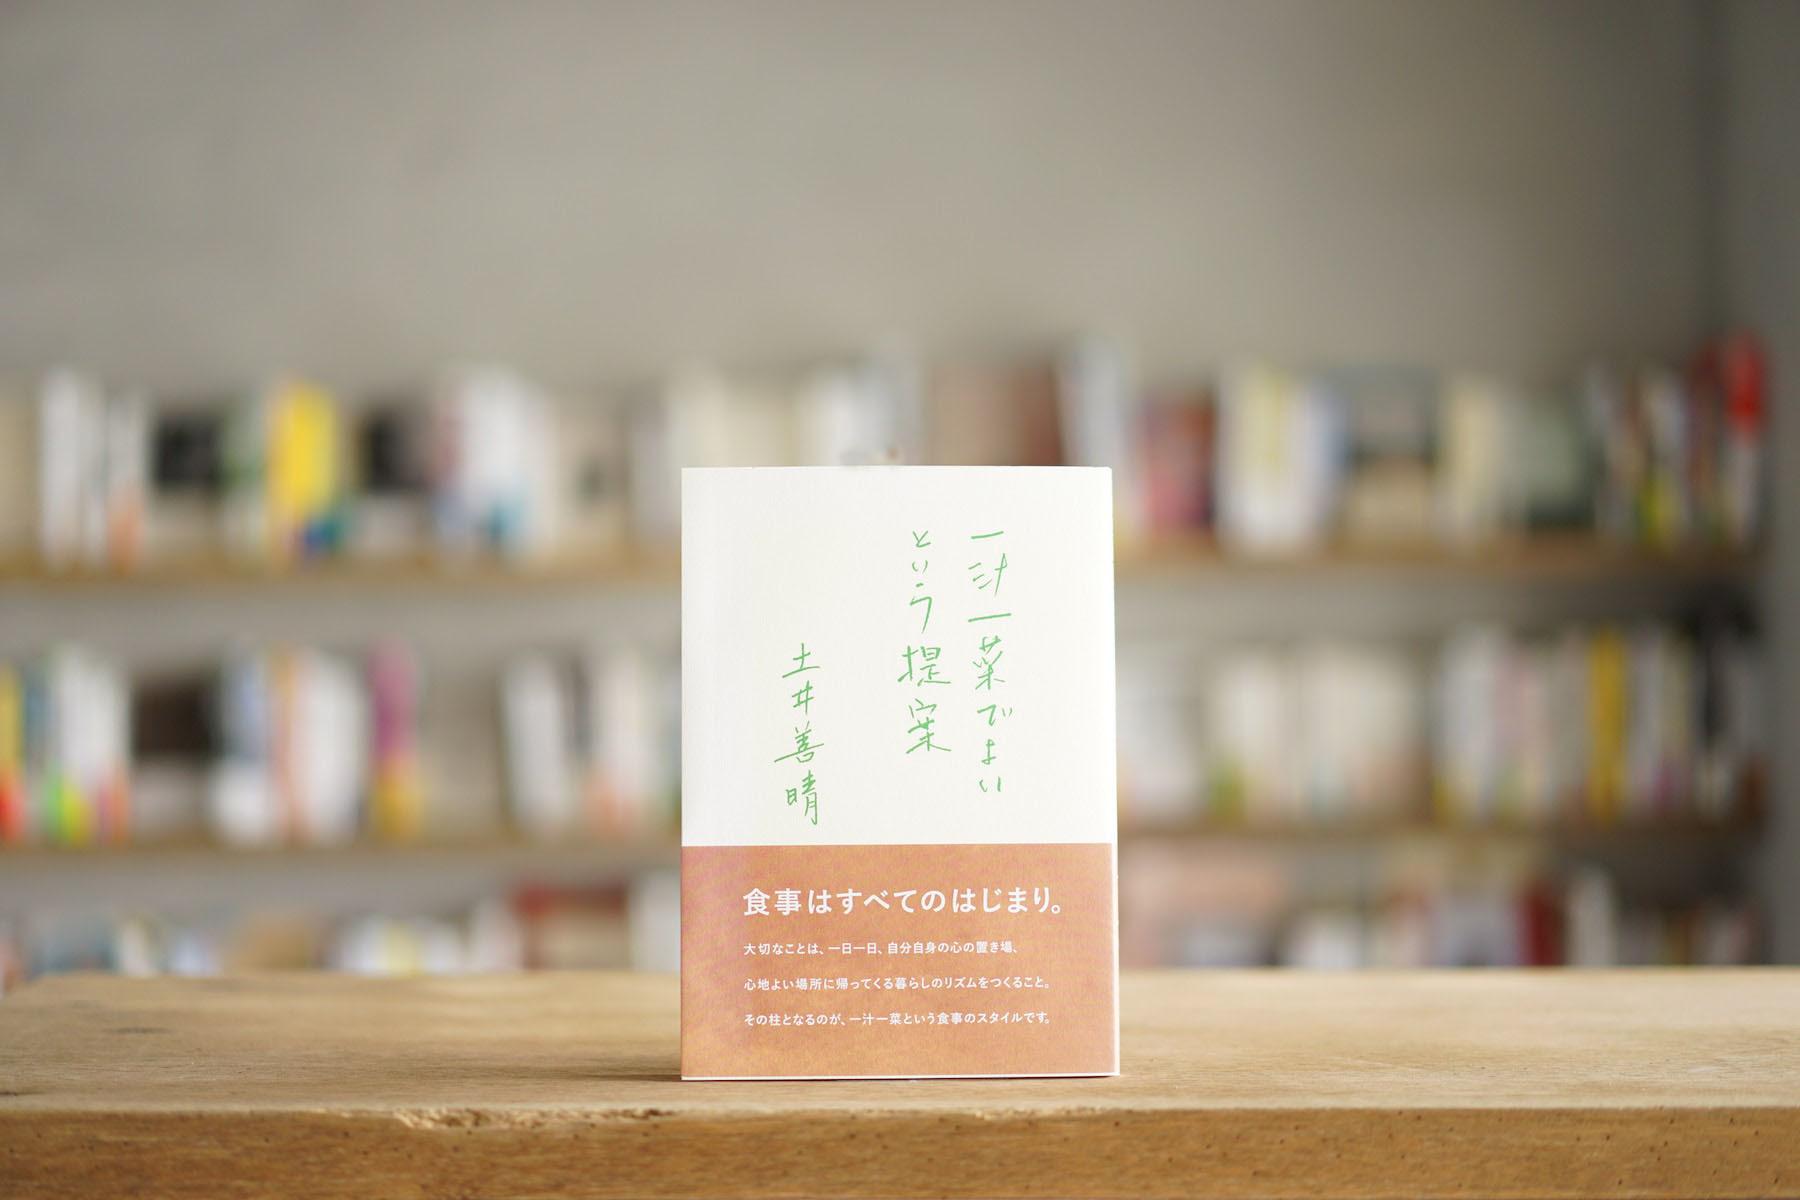 土井善晴 『一汁一菜でよいという提案』 (グラフィック社、2016)